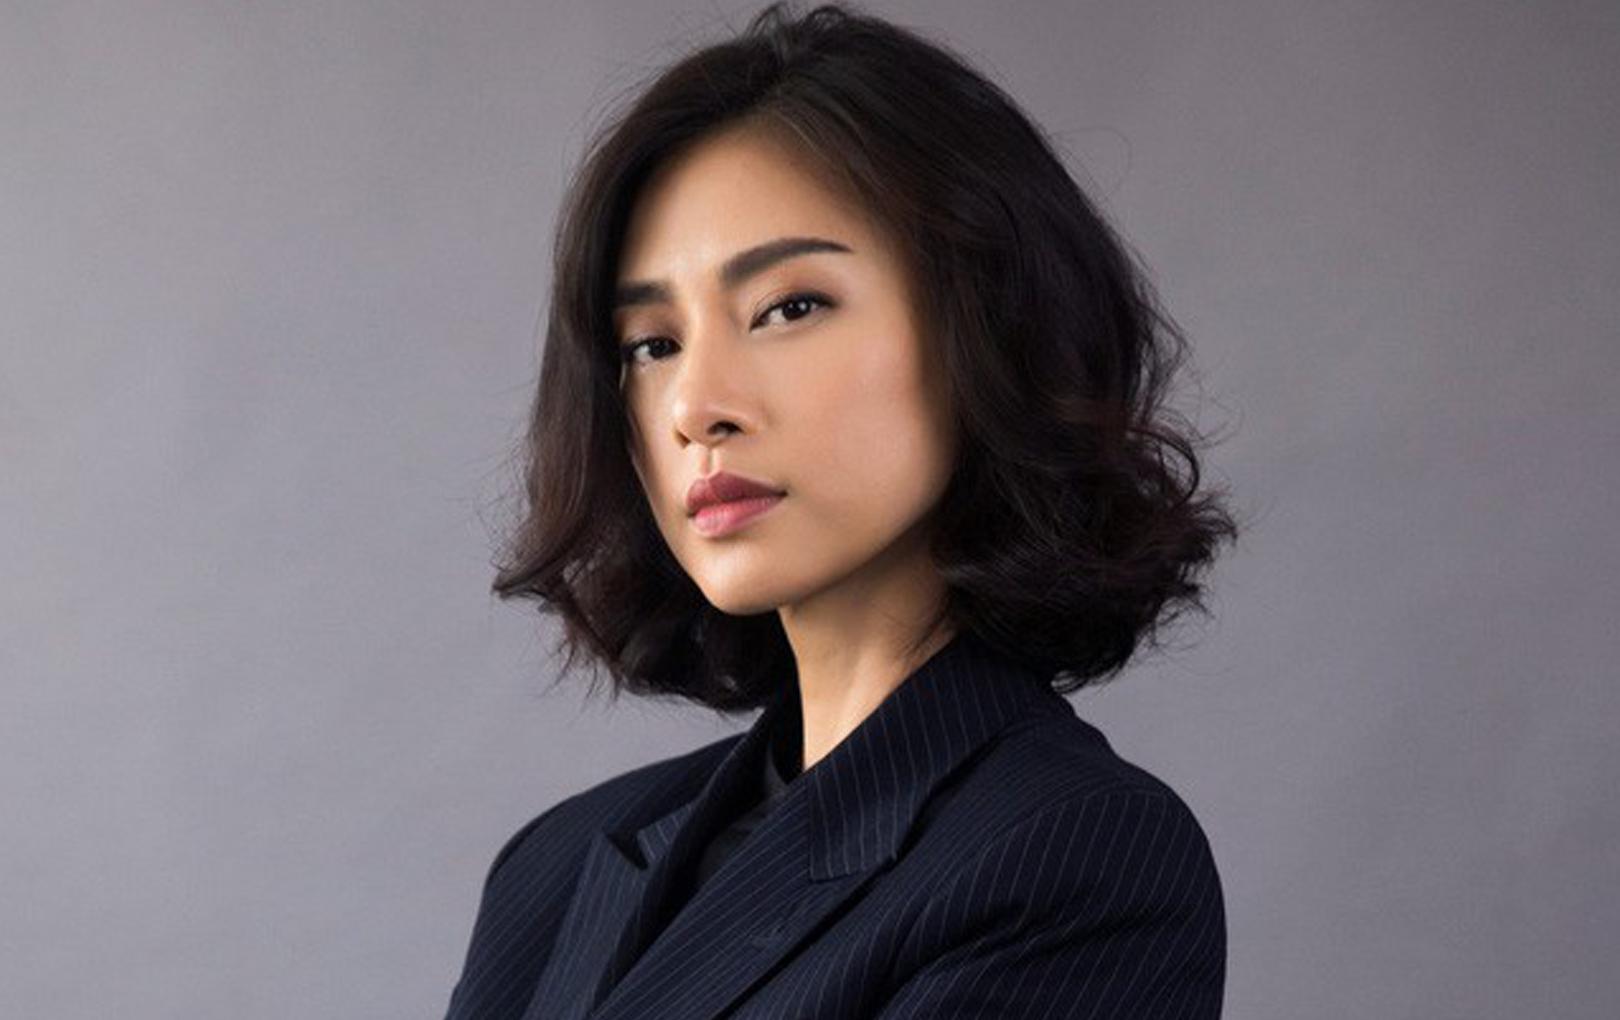 Ngô Thanh Vân đăng story phiền muộn vì phim bị tẩy chay, thế nhưng phản ứng của netizen mới gây bất ngờ!